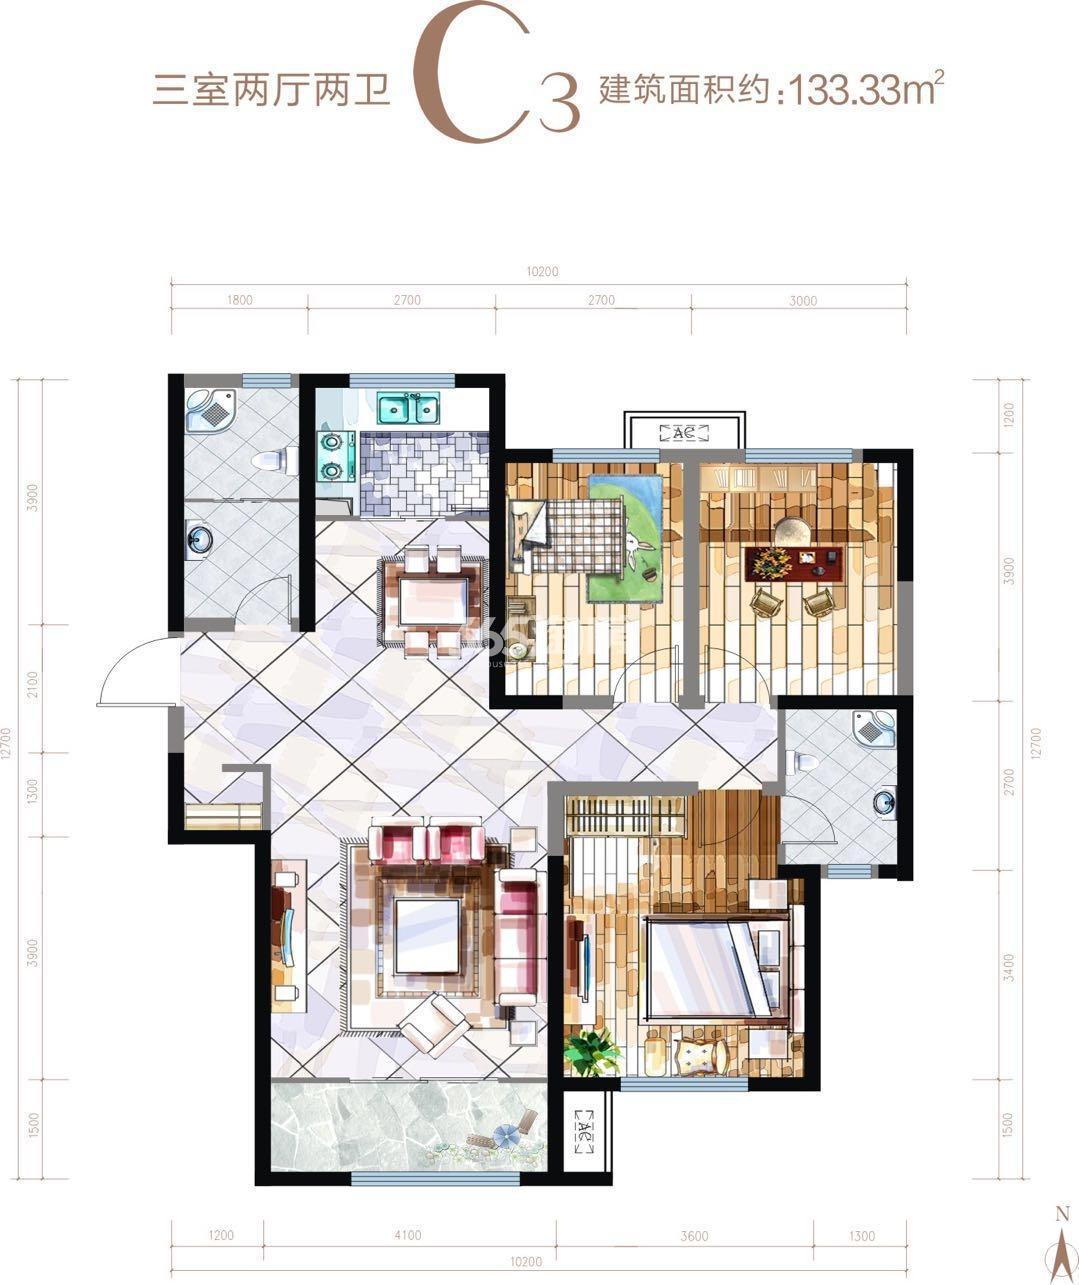 华安紫竹苑C3户型三室两厅一厨两卫133.33㎡